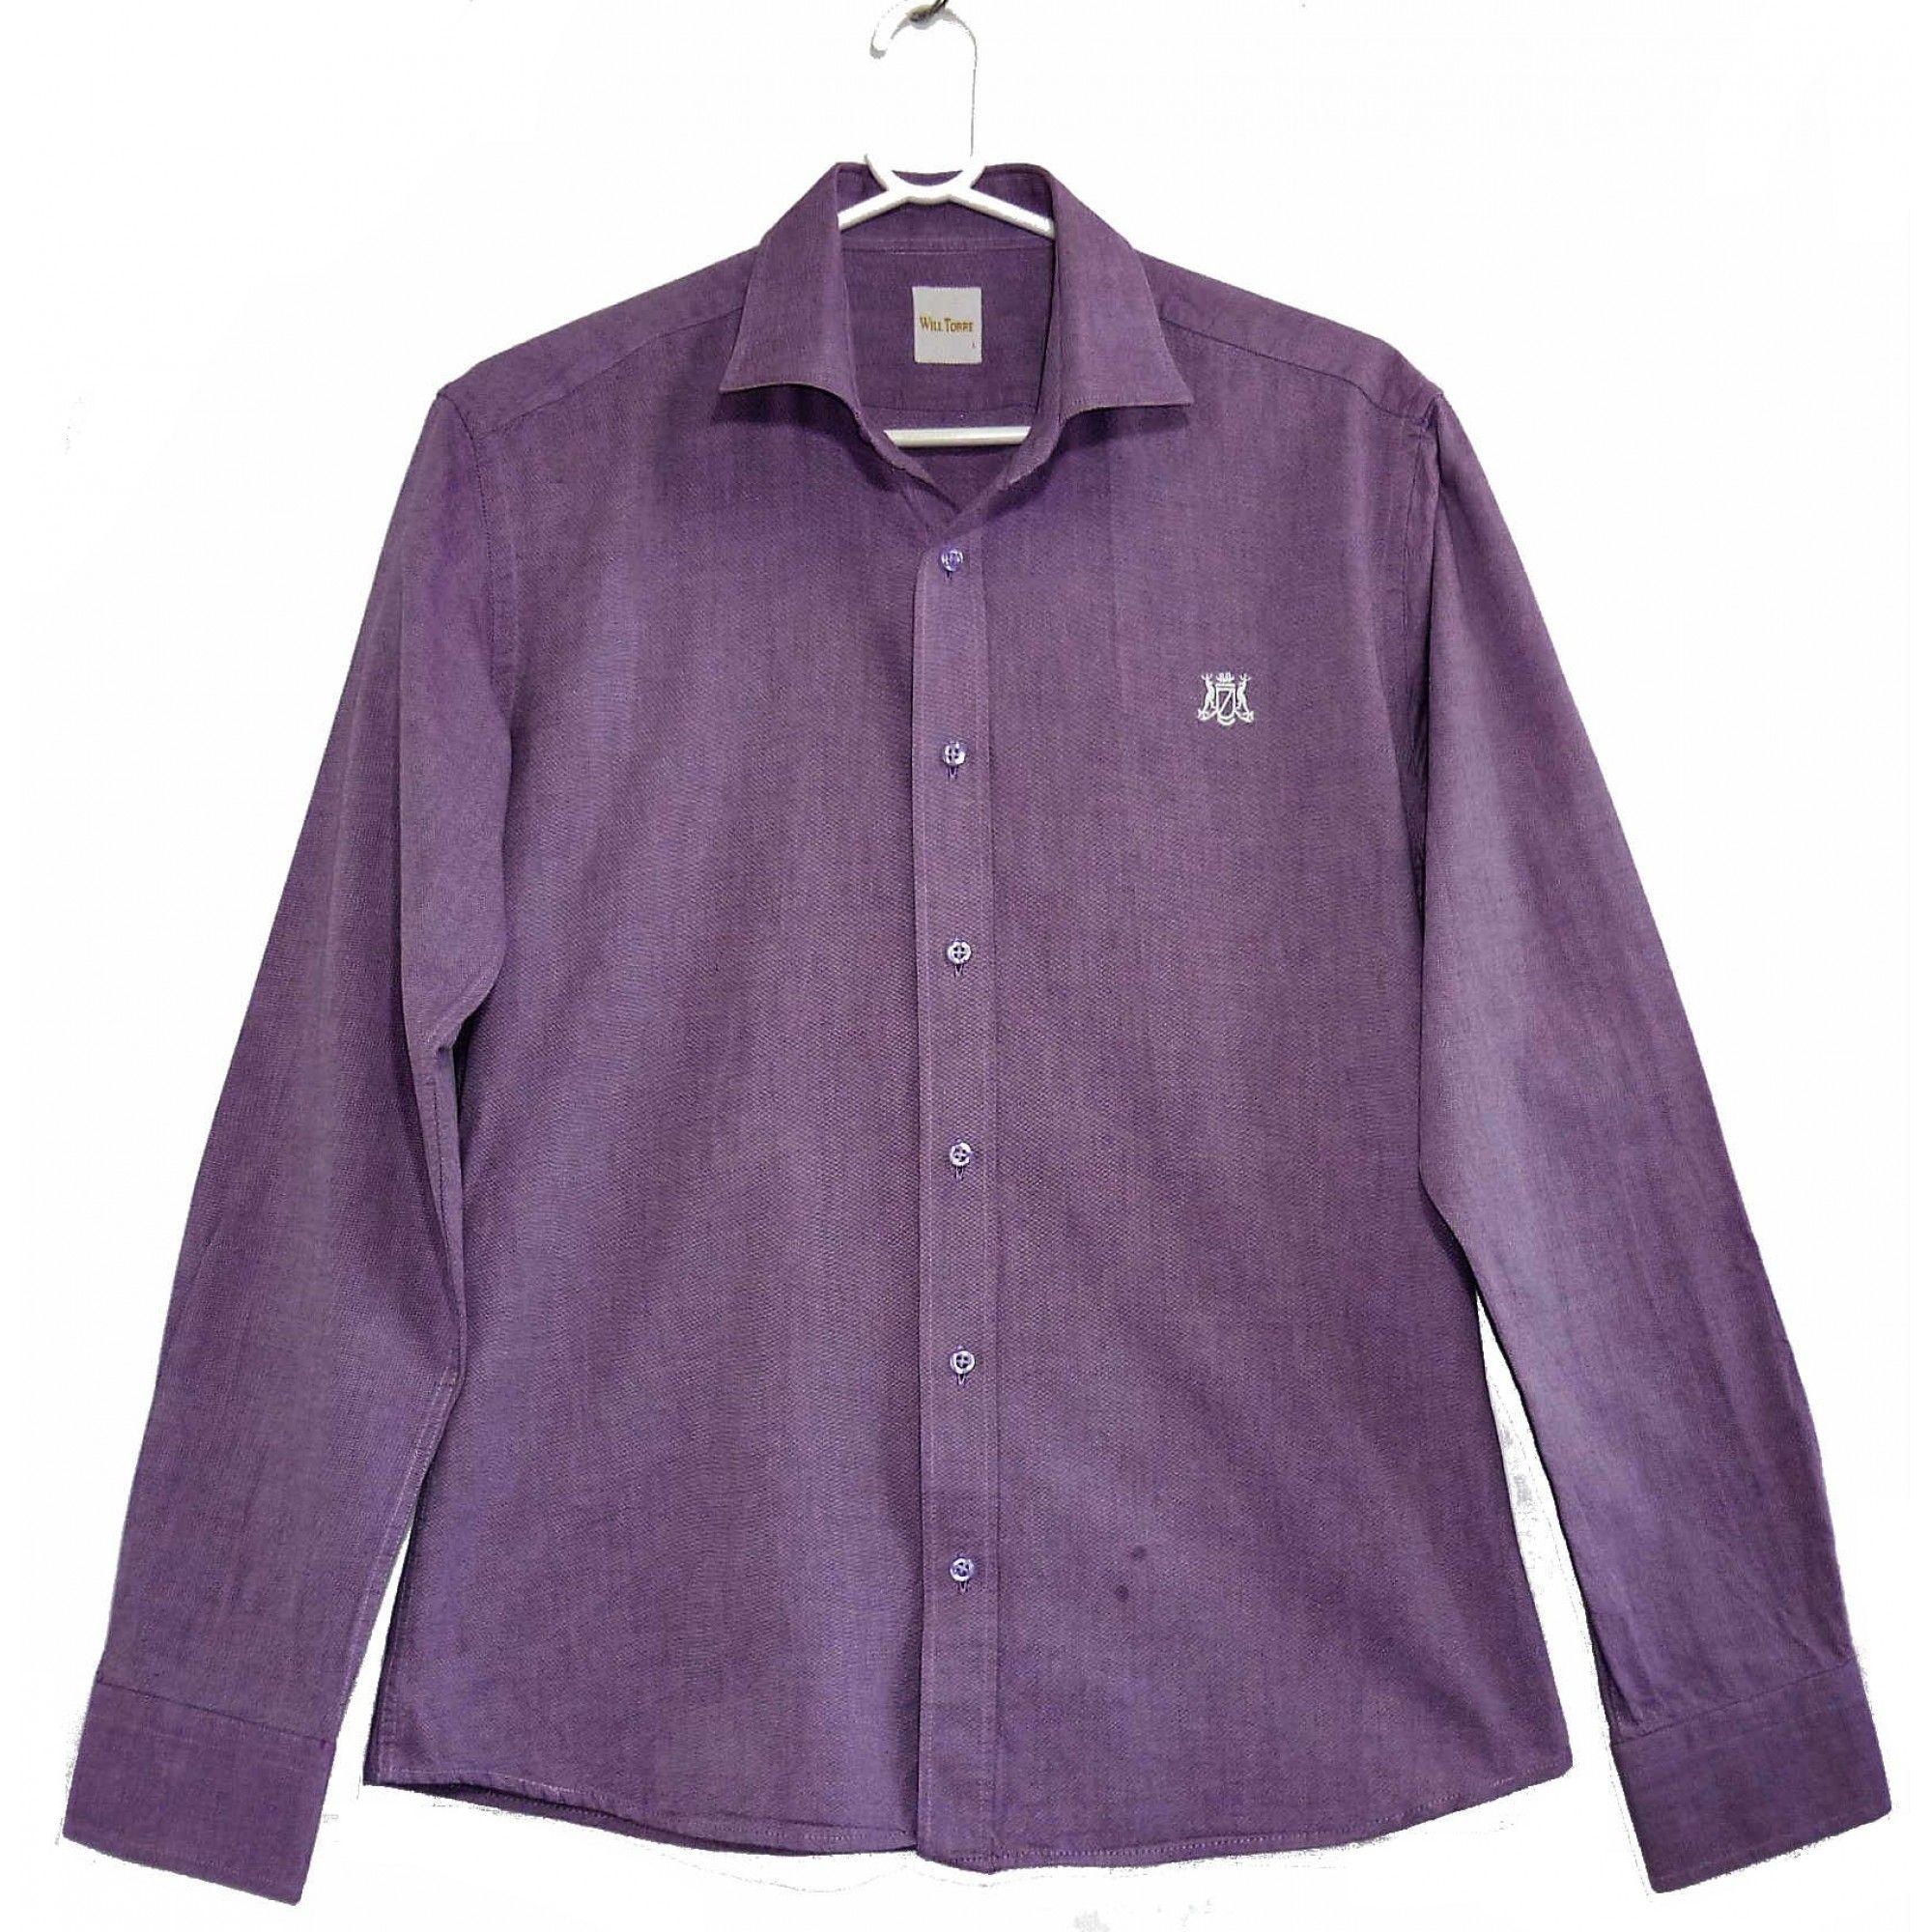 86b69330768 Интернет магазин секонд хенд предлагает купить Рубашка Will Torre по НИЗКОЙ  цене с бесплатной доставкой